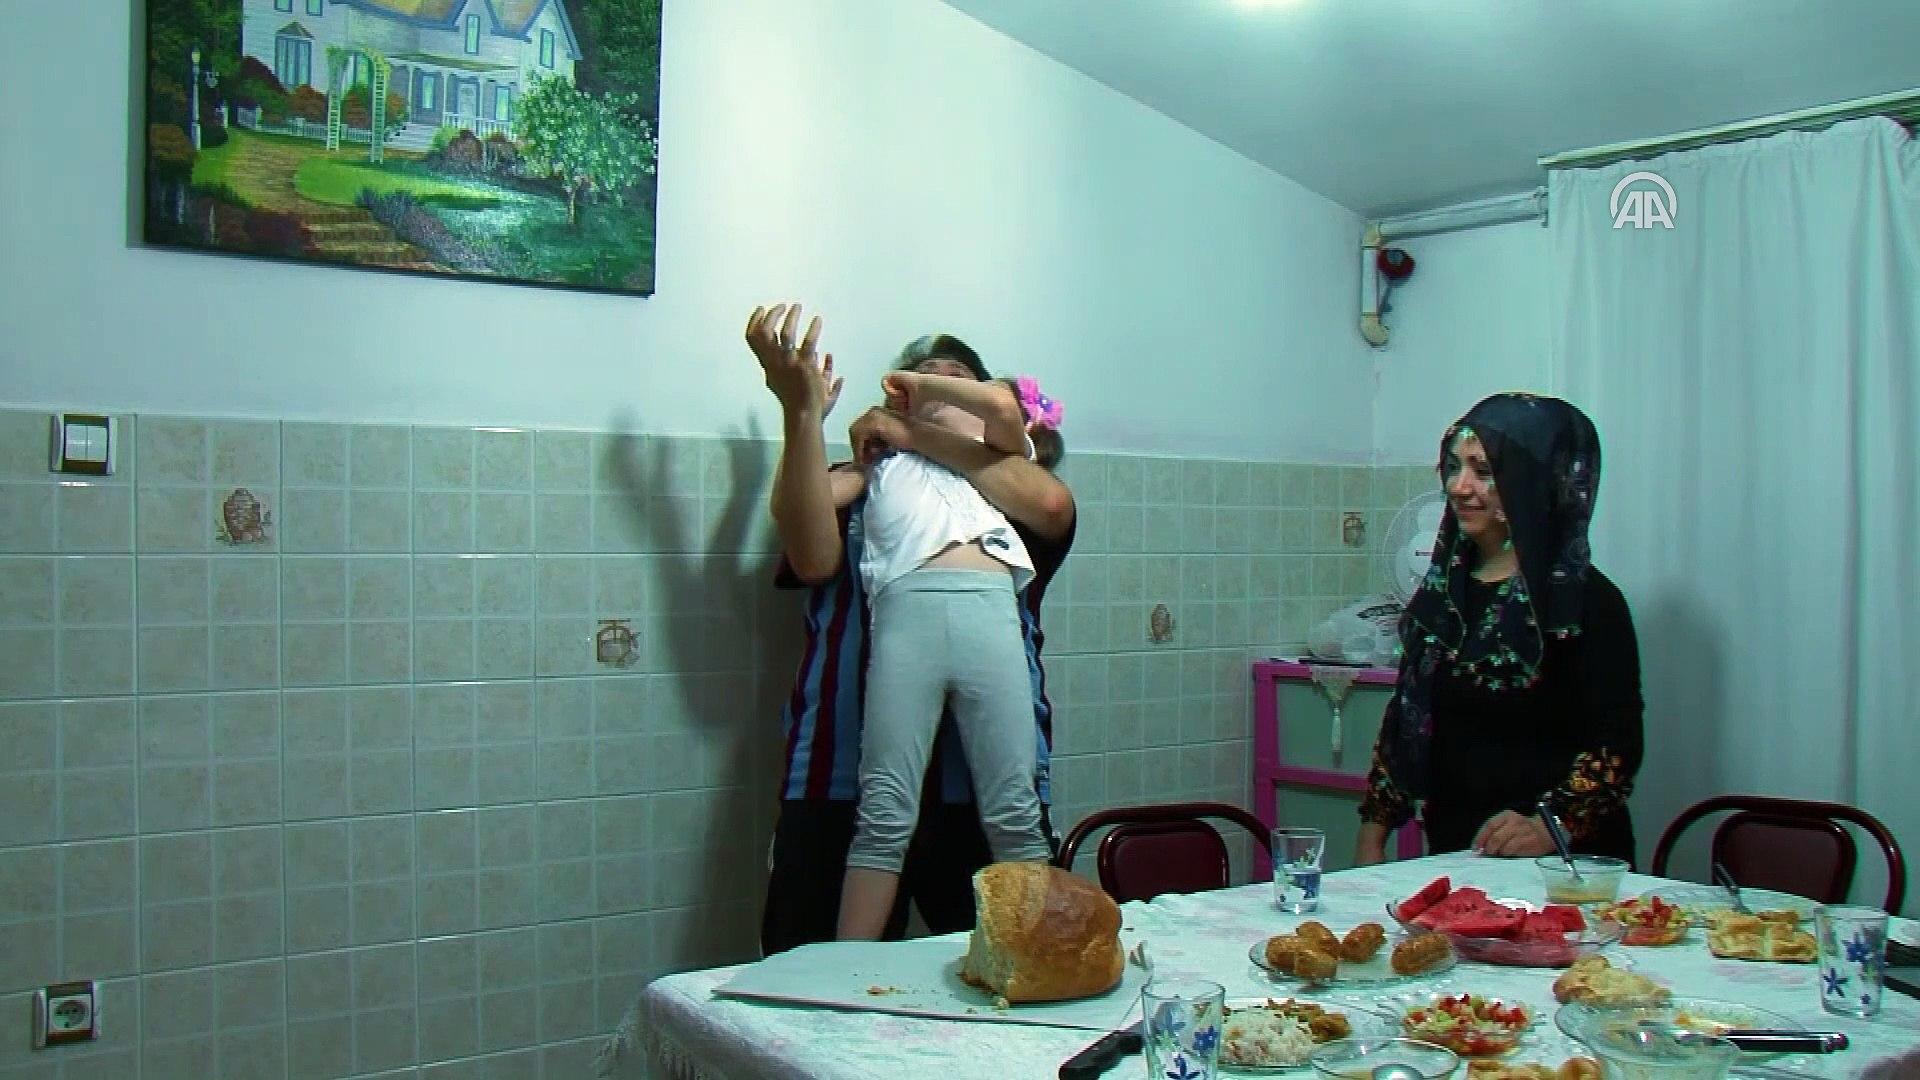 Komşuluğun önemini vurgulamak için film çekti - TRABZON